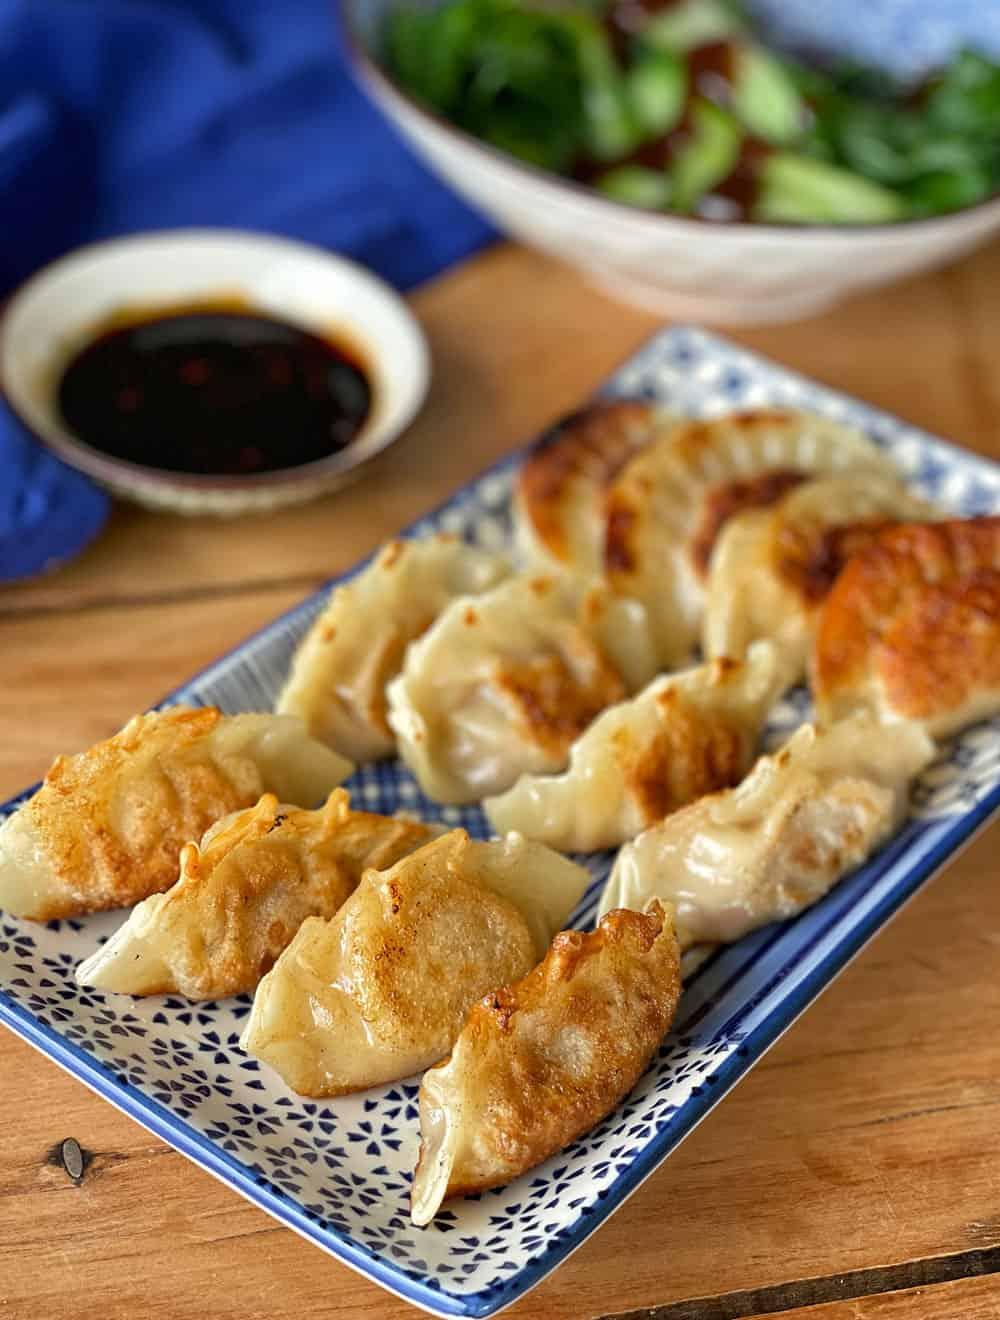 Pork and Ginger Dumplings